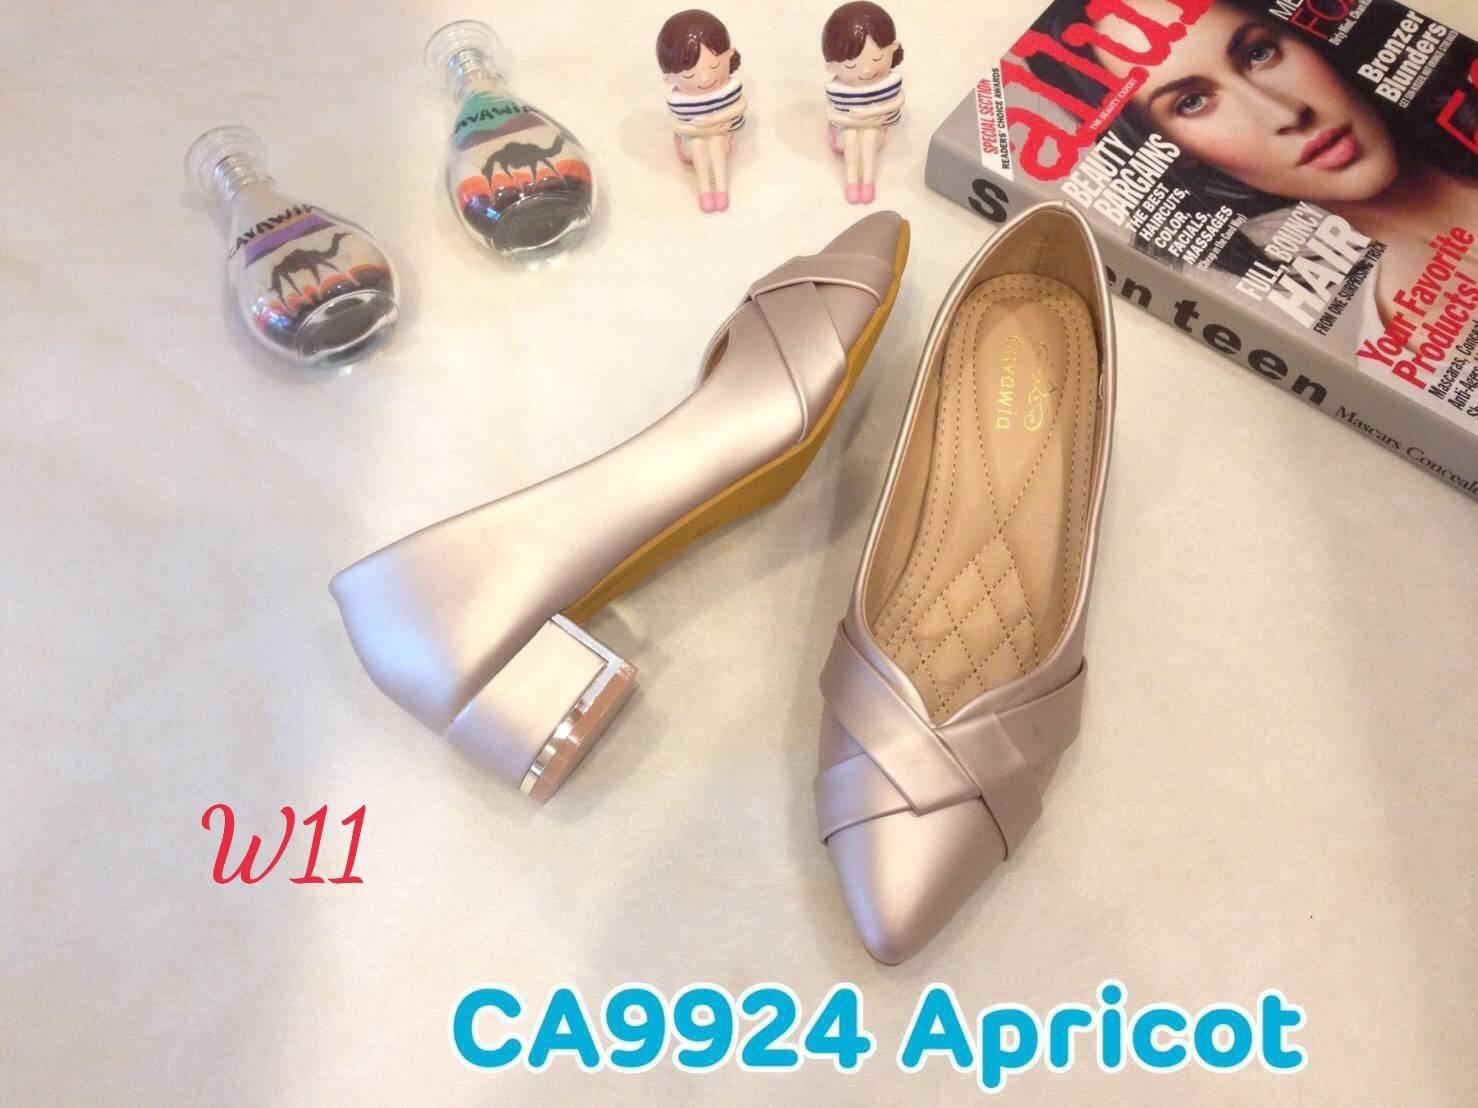 รองเท้าคัทชู ส้นเตี้ย แต่งลายไขว้ด้านหน้าสวยเก๋ หนังนิ่ม ทรงสวย ส้นสูงประมาณ 2 นิ้ว ใส่สบาย แมทสวยได้ทุกชุด (CA9924)